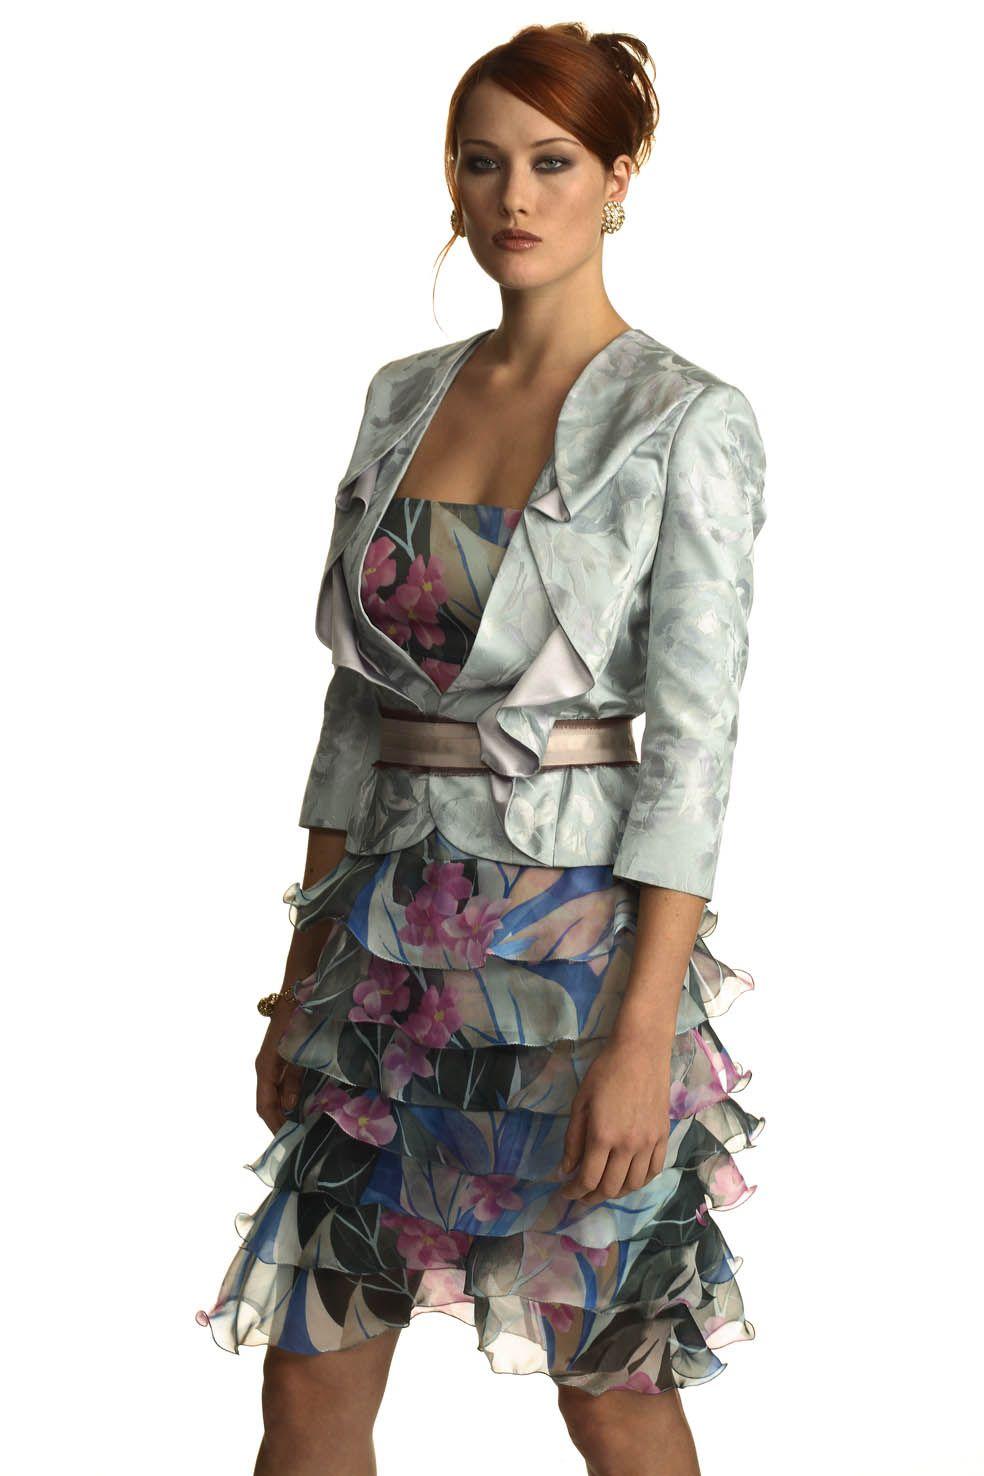 d2ea068dd067 abito a balze in chiffon disegno floreale completato da giacca fantasia in  shantung